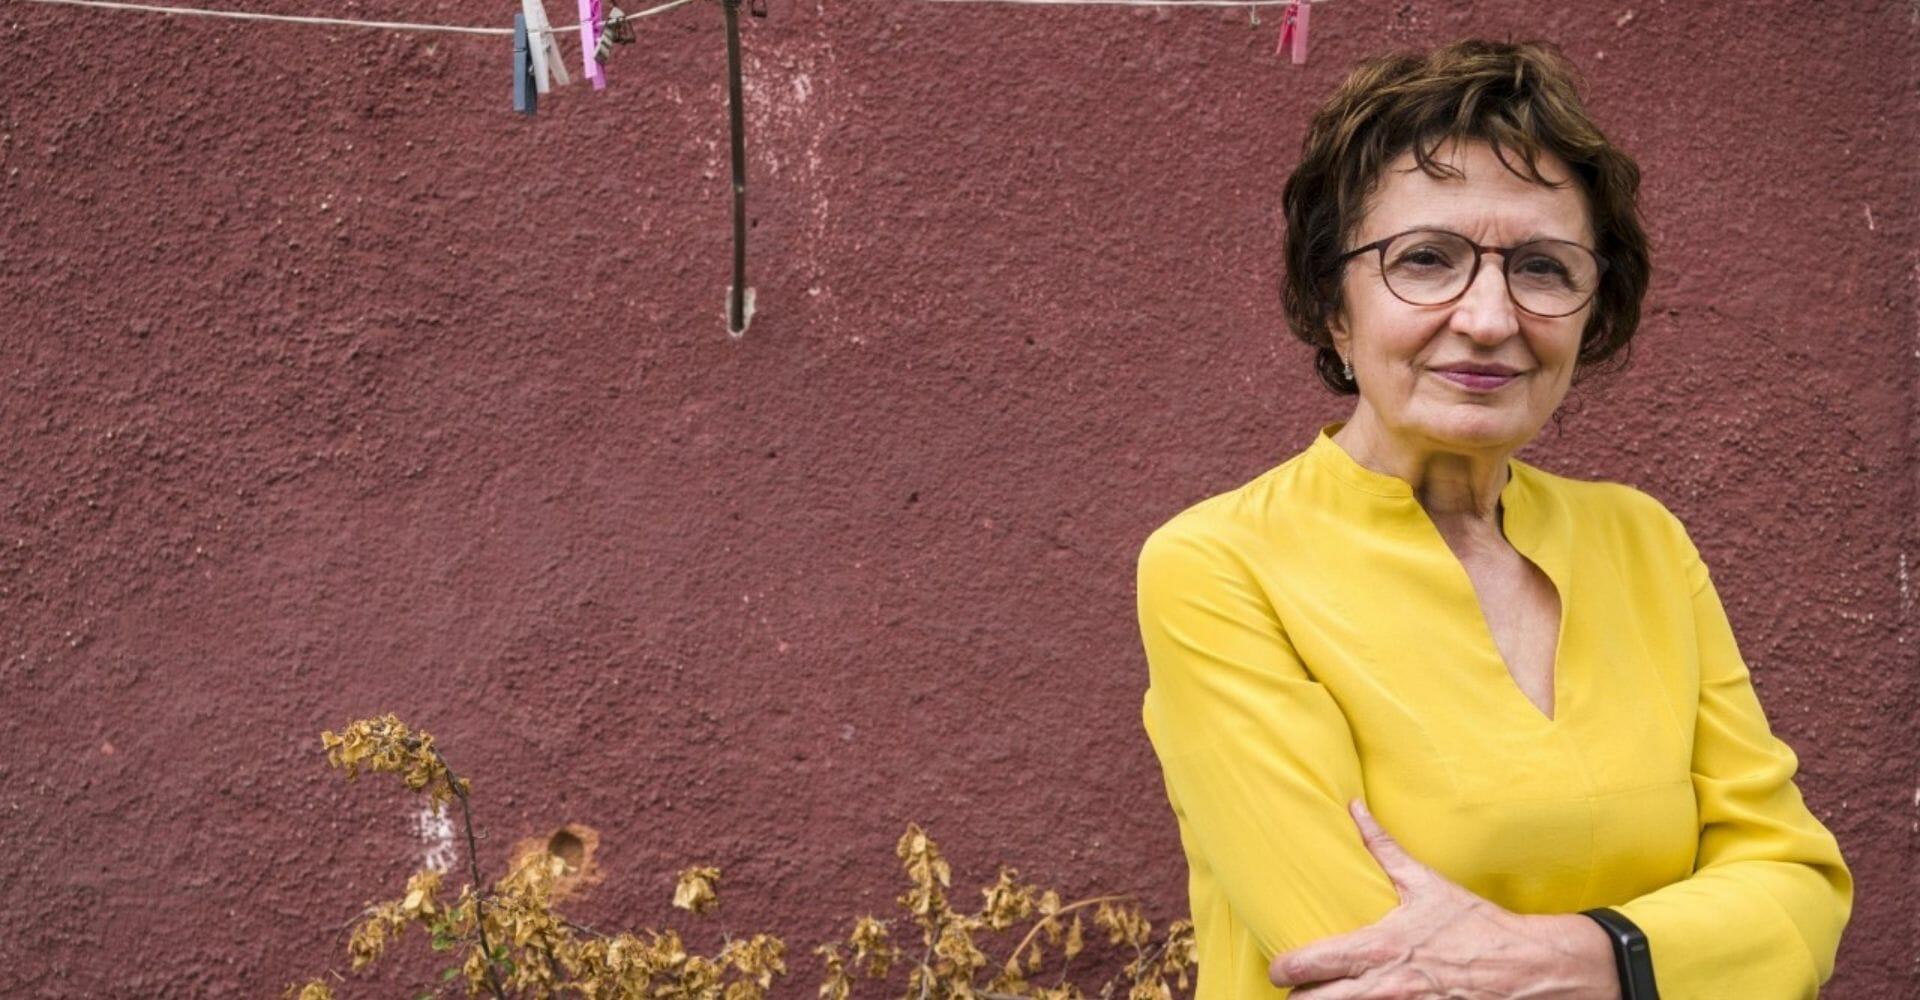 Le conseguenze del disamore e la letteratura del dolore: Donatella Di Pietrantonio racconta